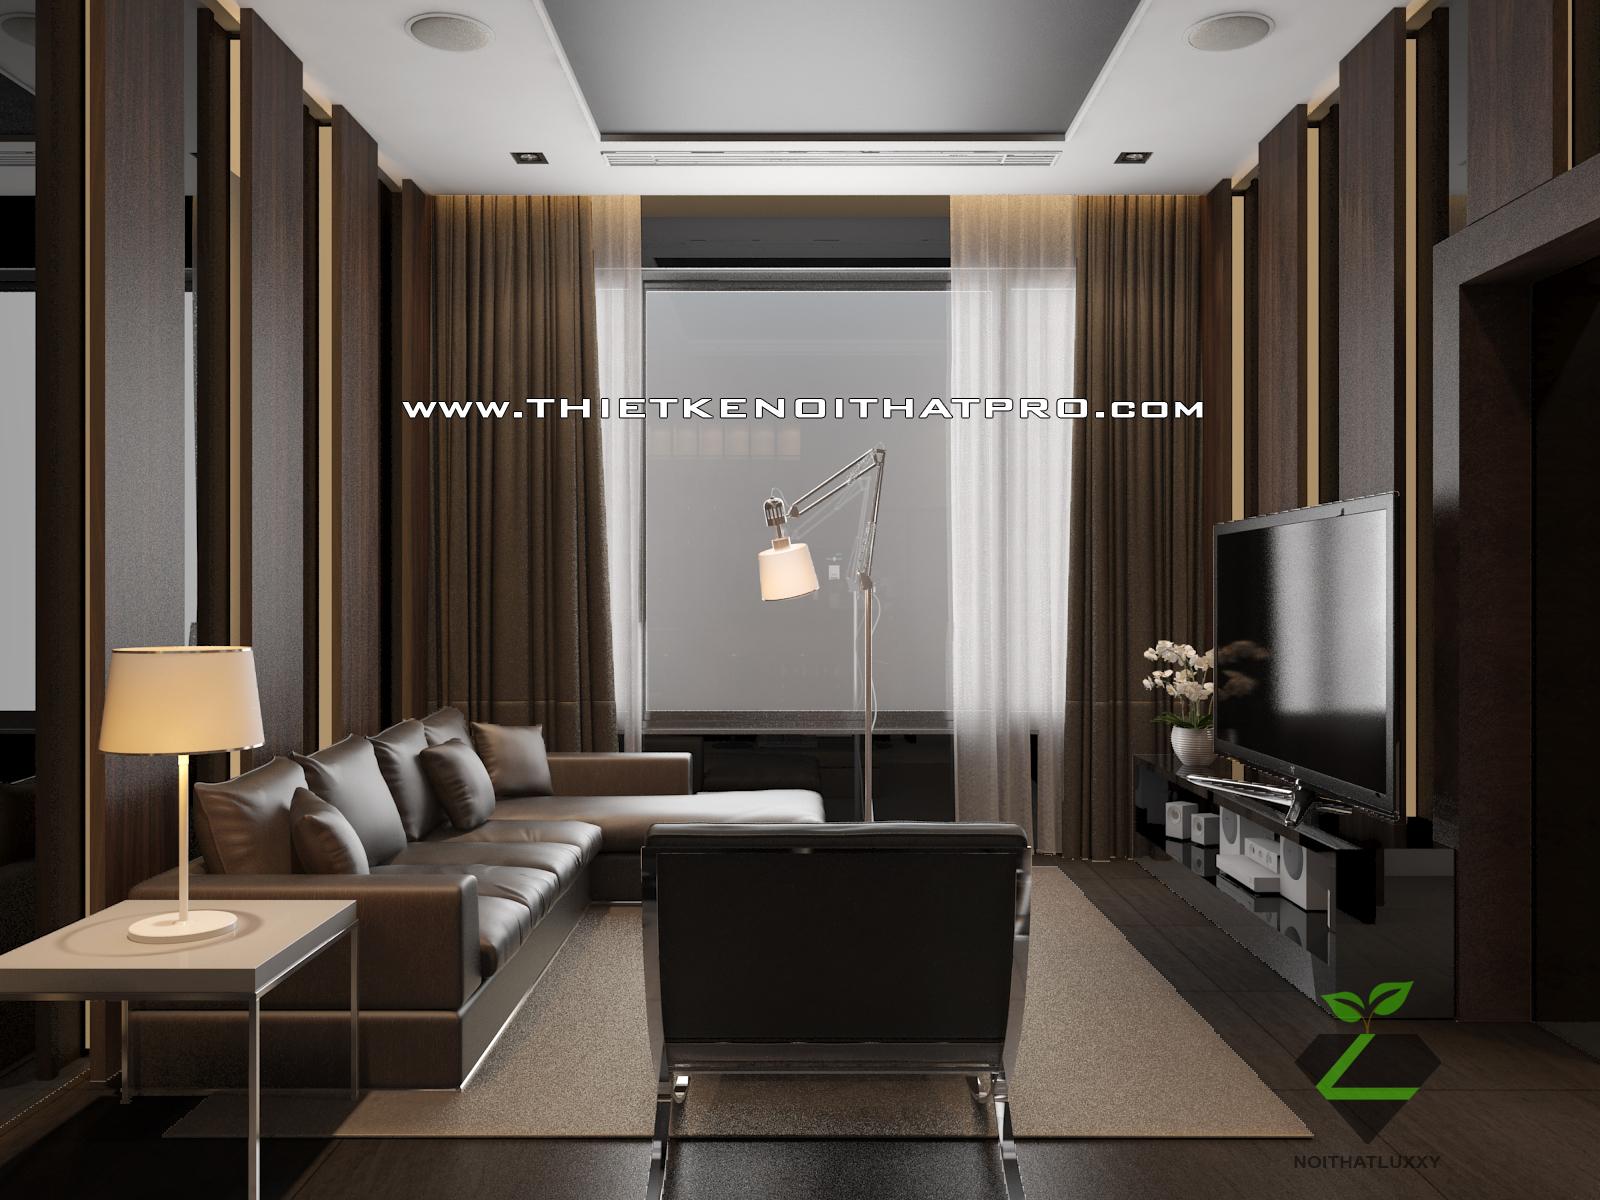 thiết kế nội thất Biệt Thự tại Hà Nội bt Vinhomes - riverside 57 1568085380